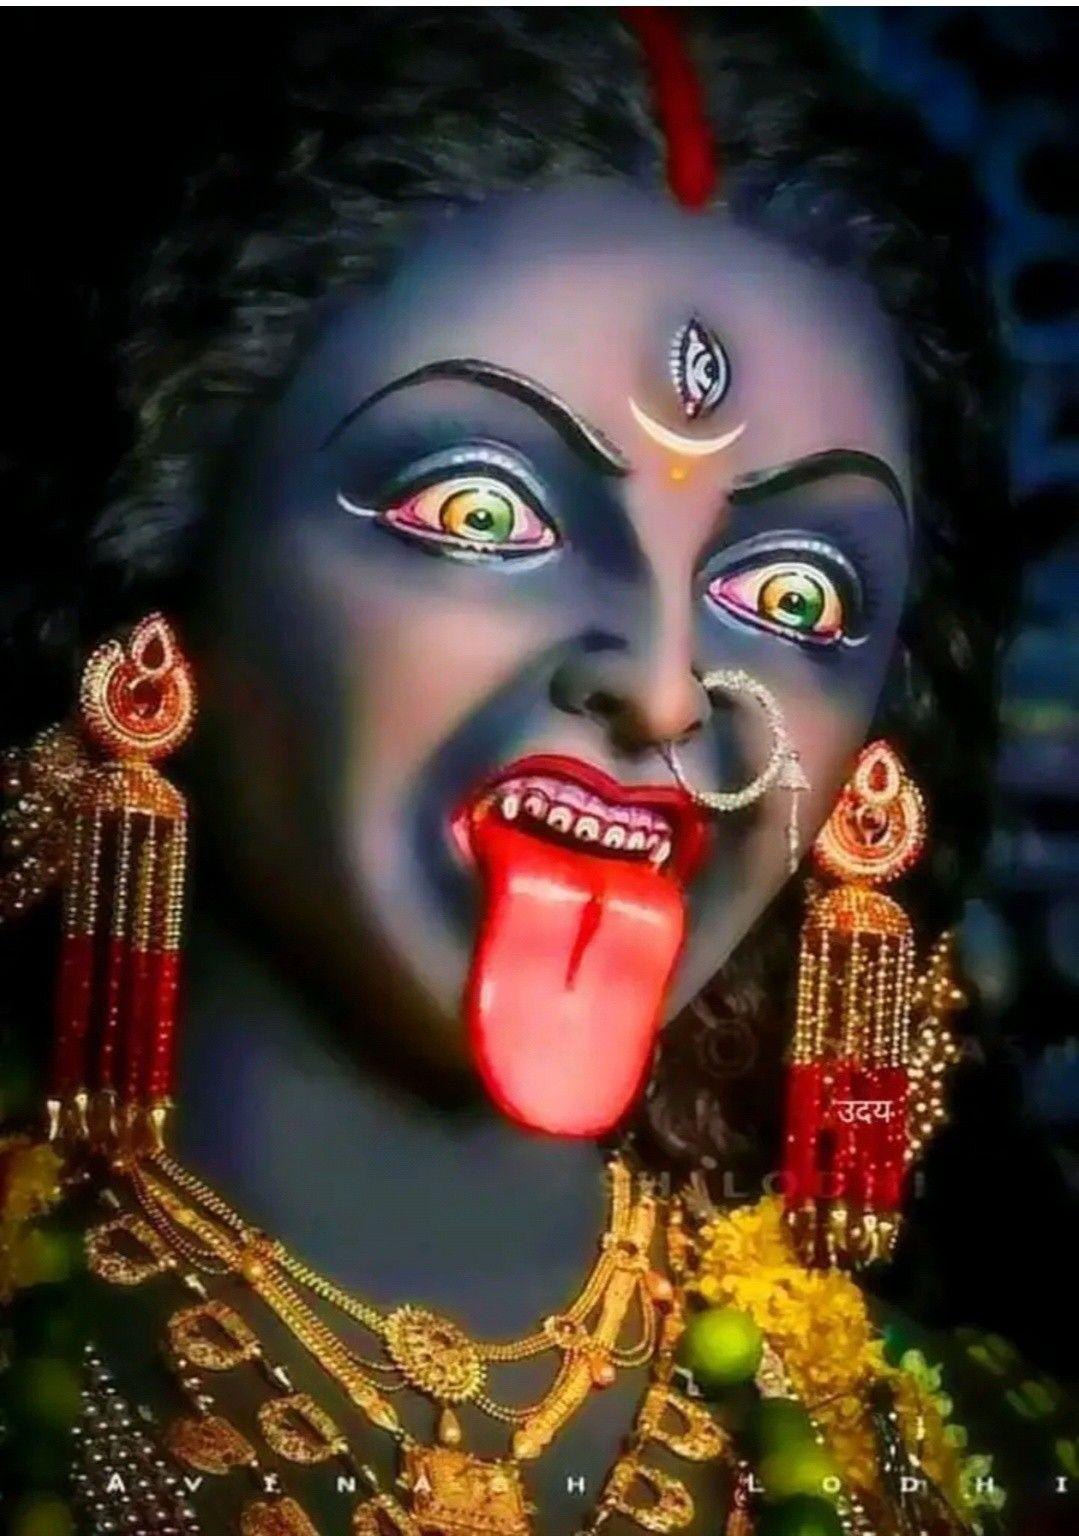 Halloween Imgaes 2020 Pin by เทวดา Ling on v1 in 2020 | Kali goddess, Durga kali, Durga